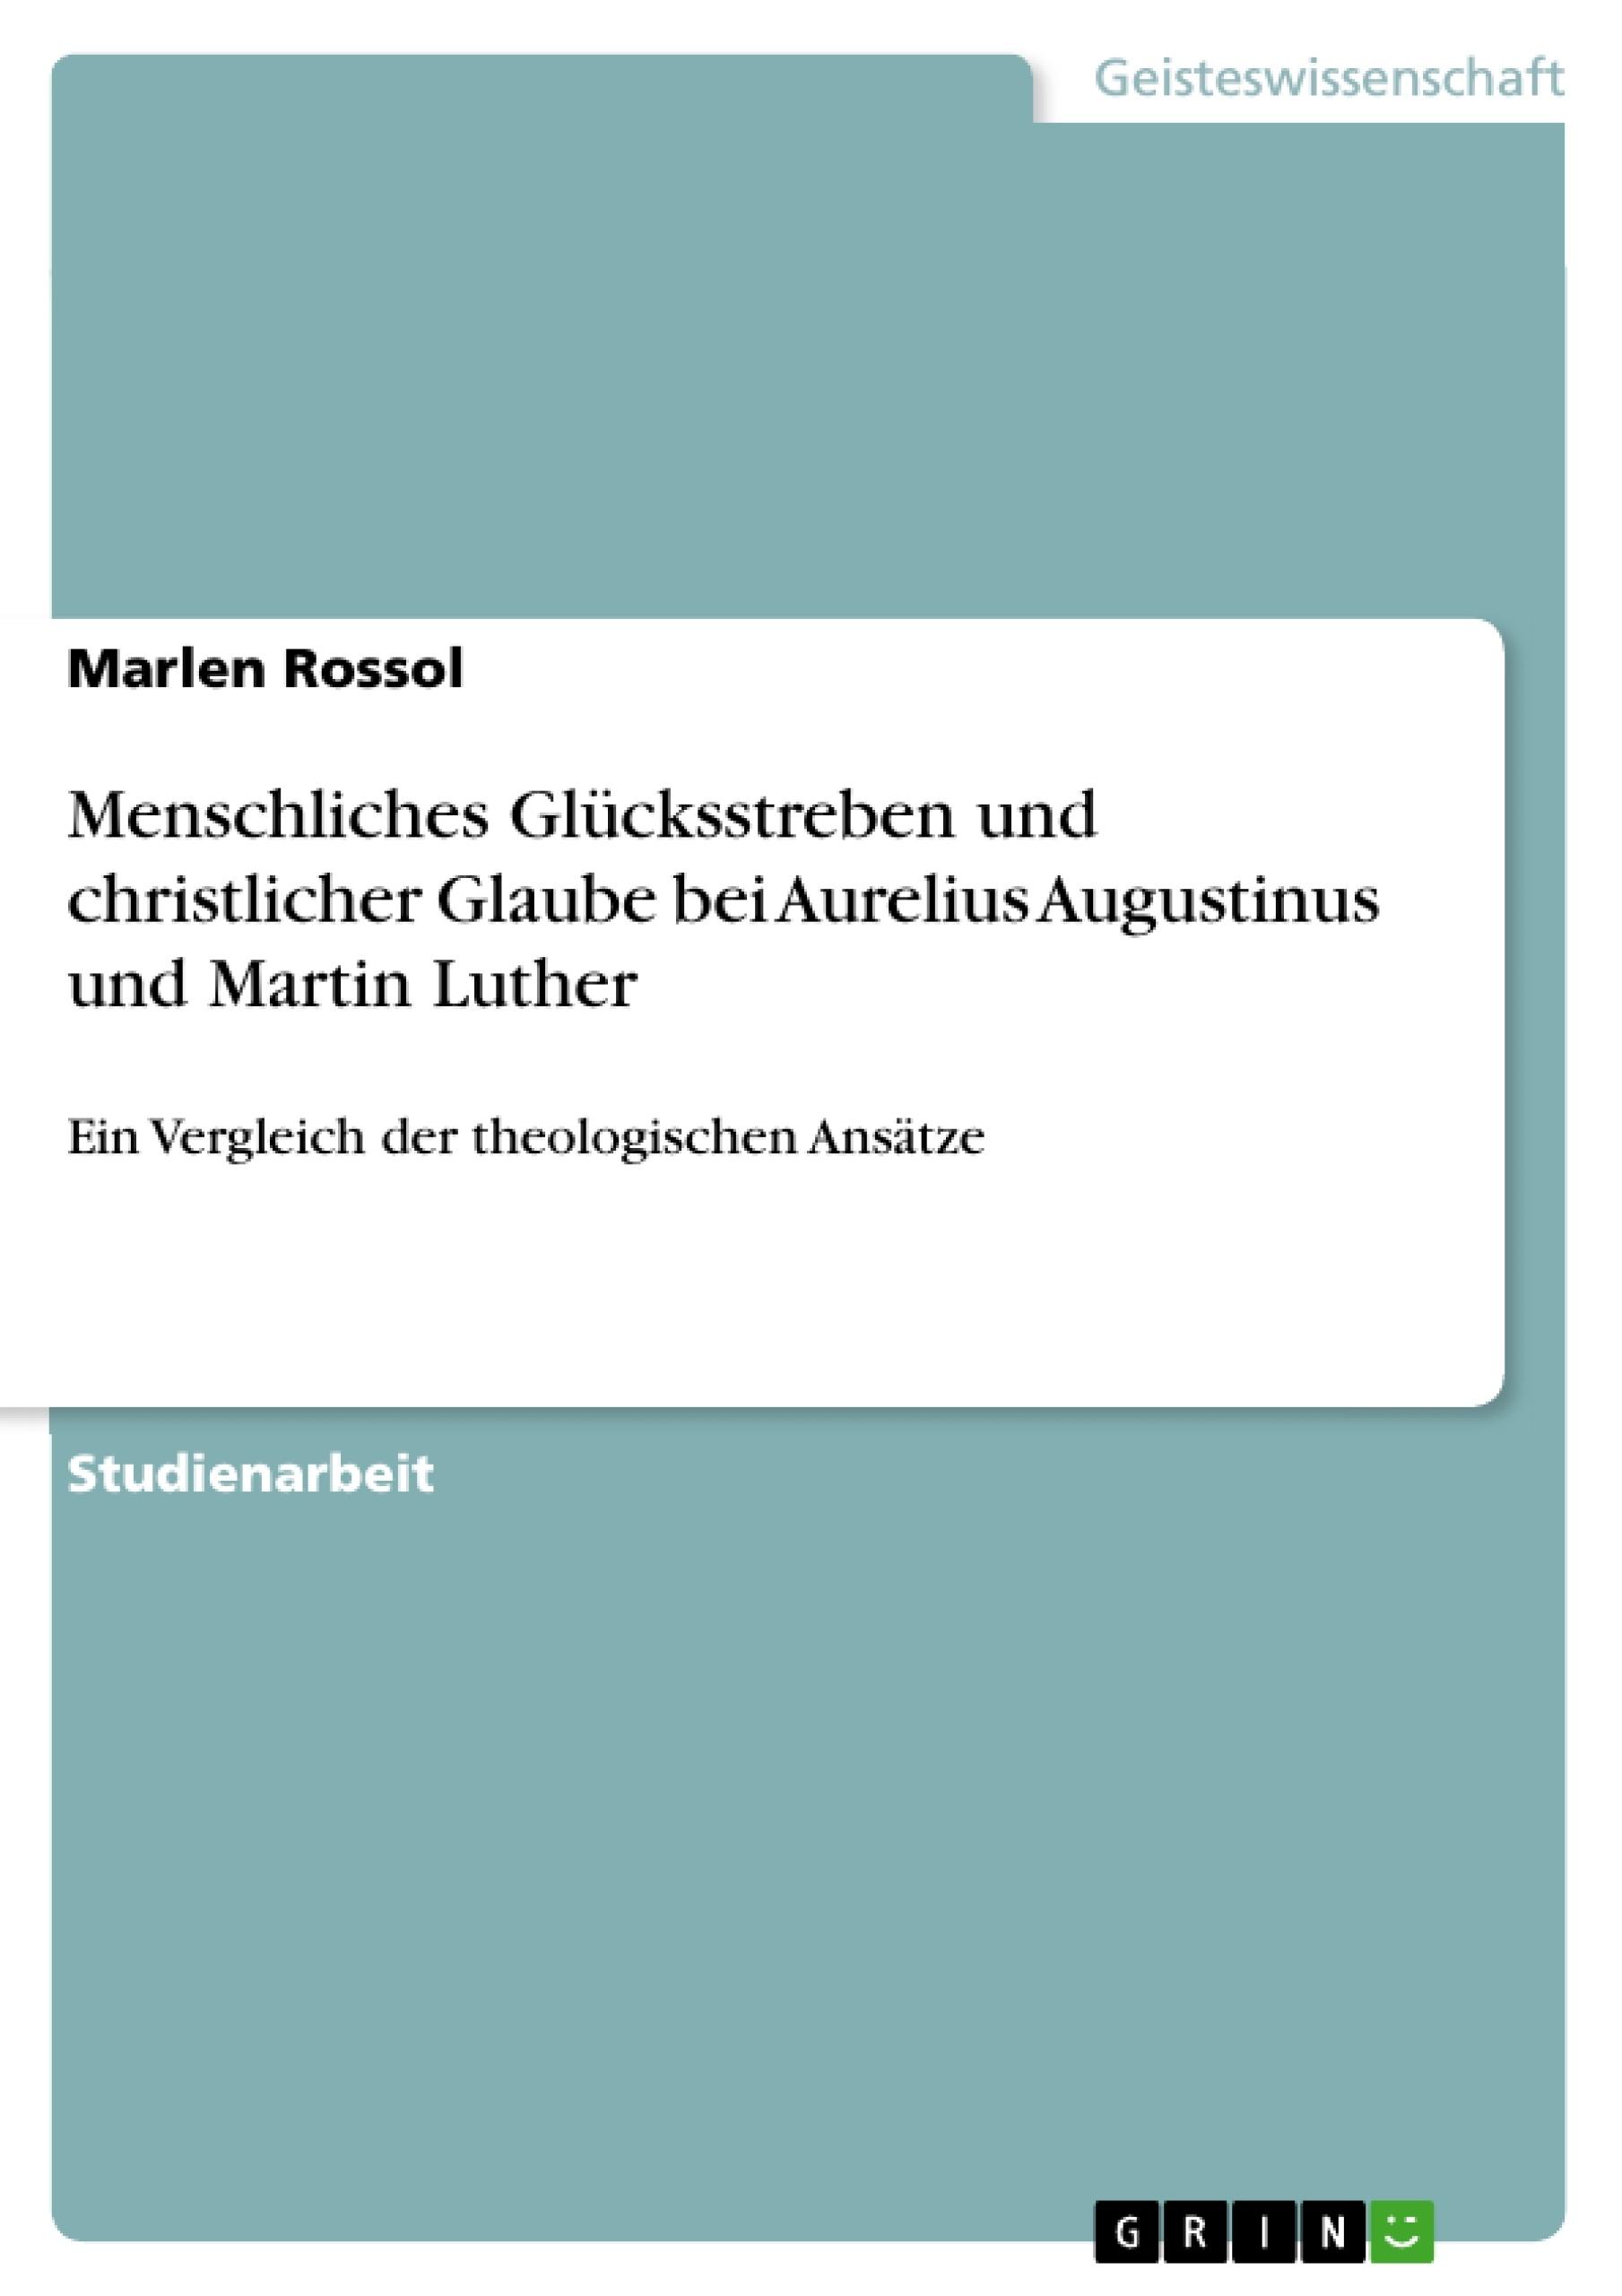 Titel: Menschliches Glücksstreben und christlicher Glaube bei Aurelius Augustinus und Martin Luther